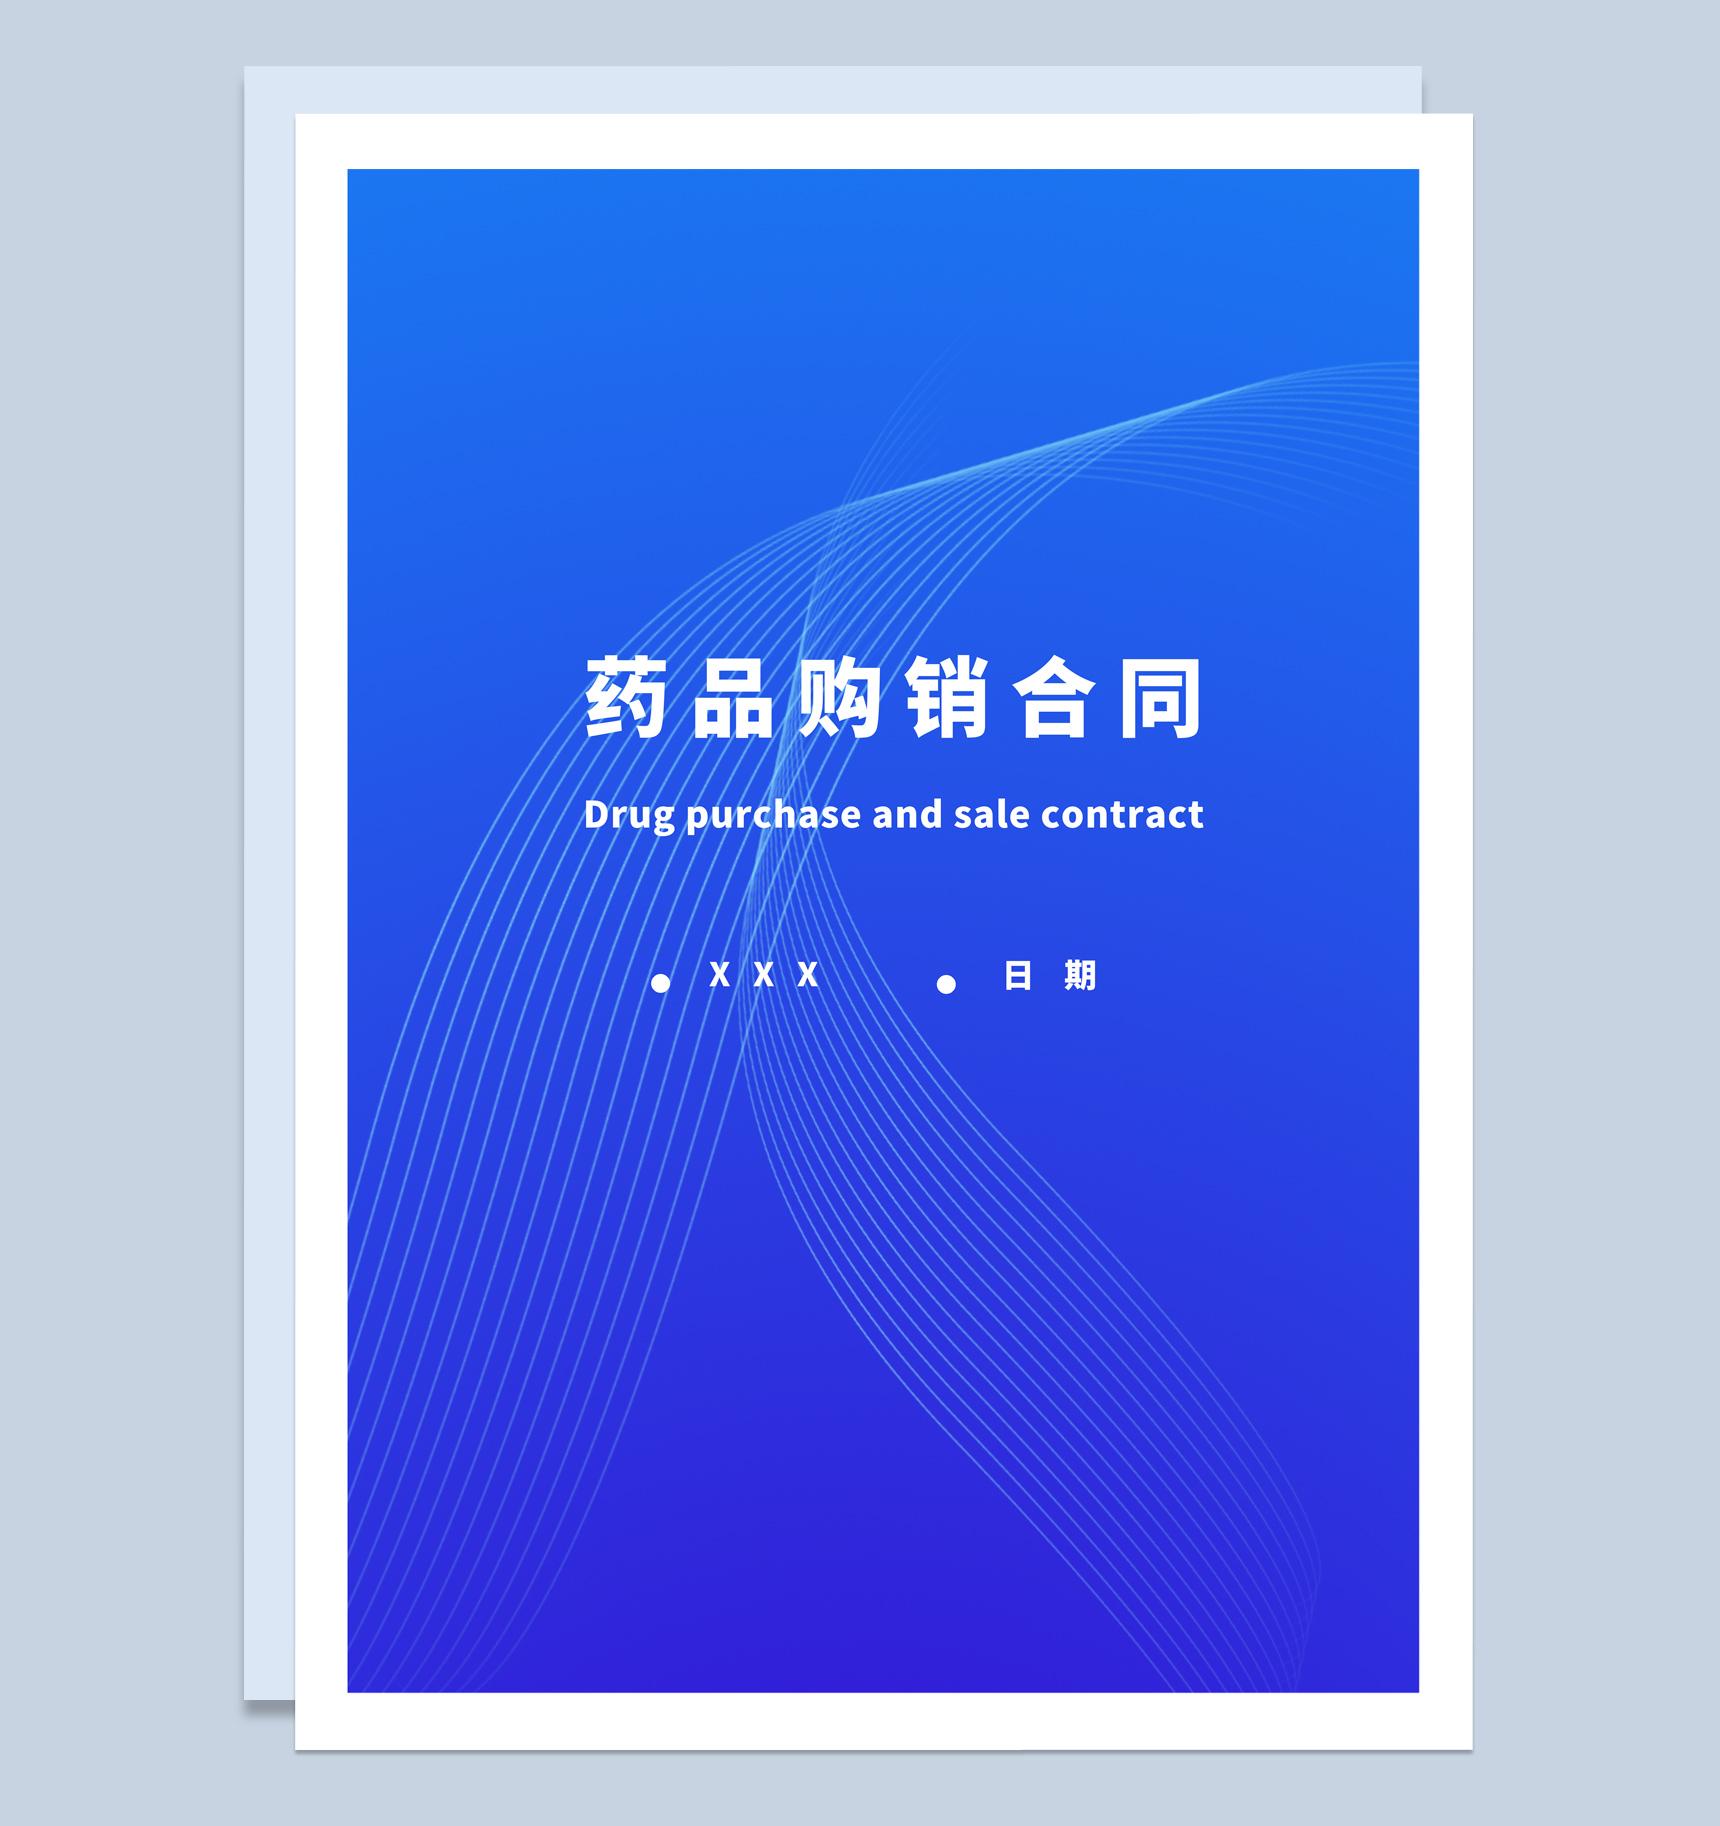 深蓝色商务风格药品购销合同书范本Word模板